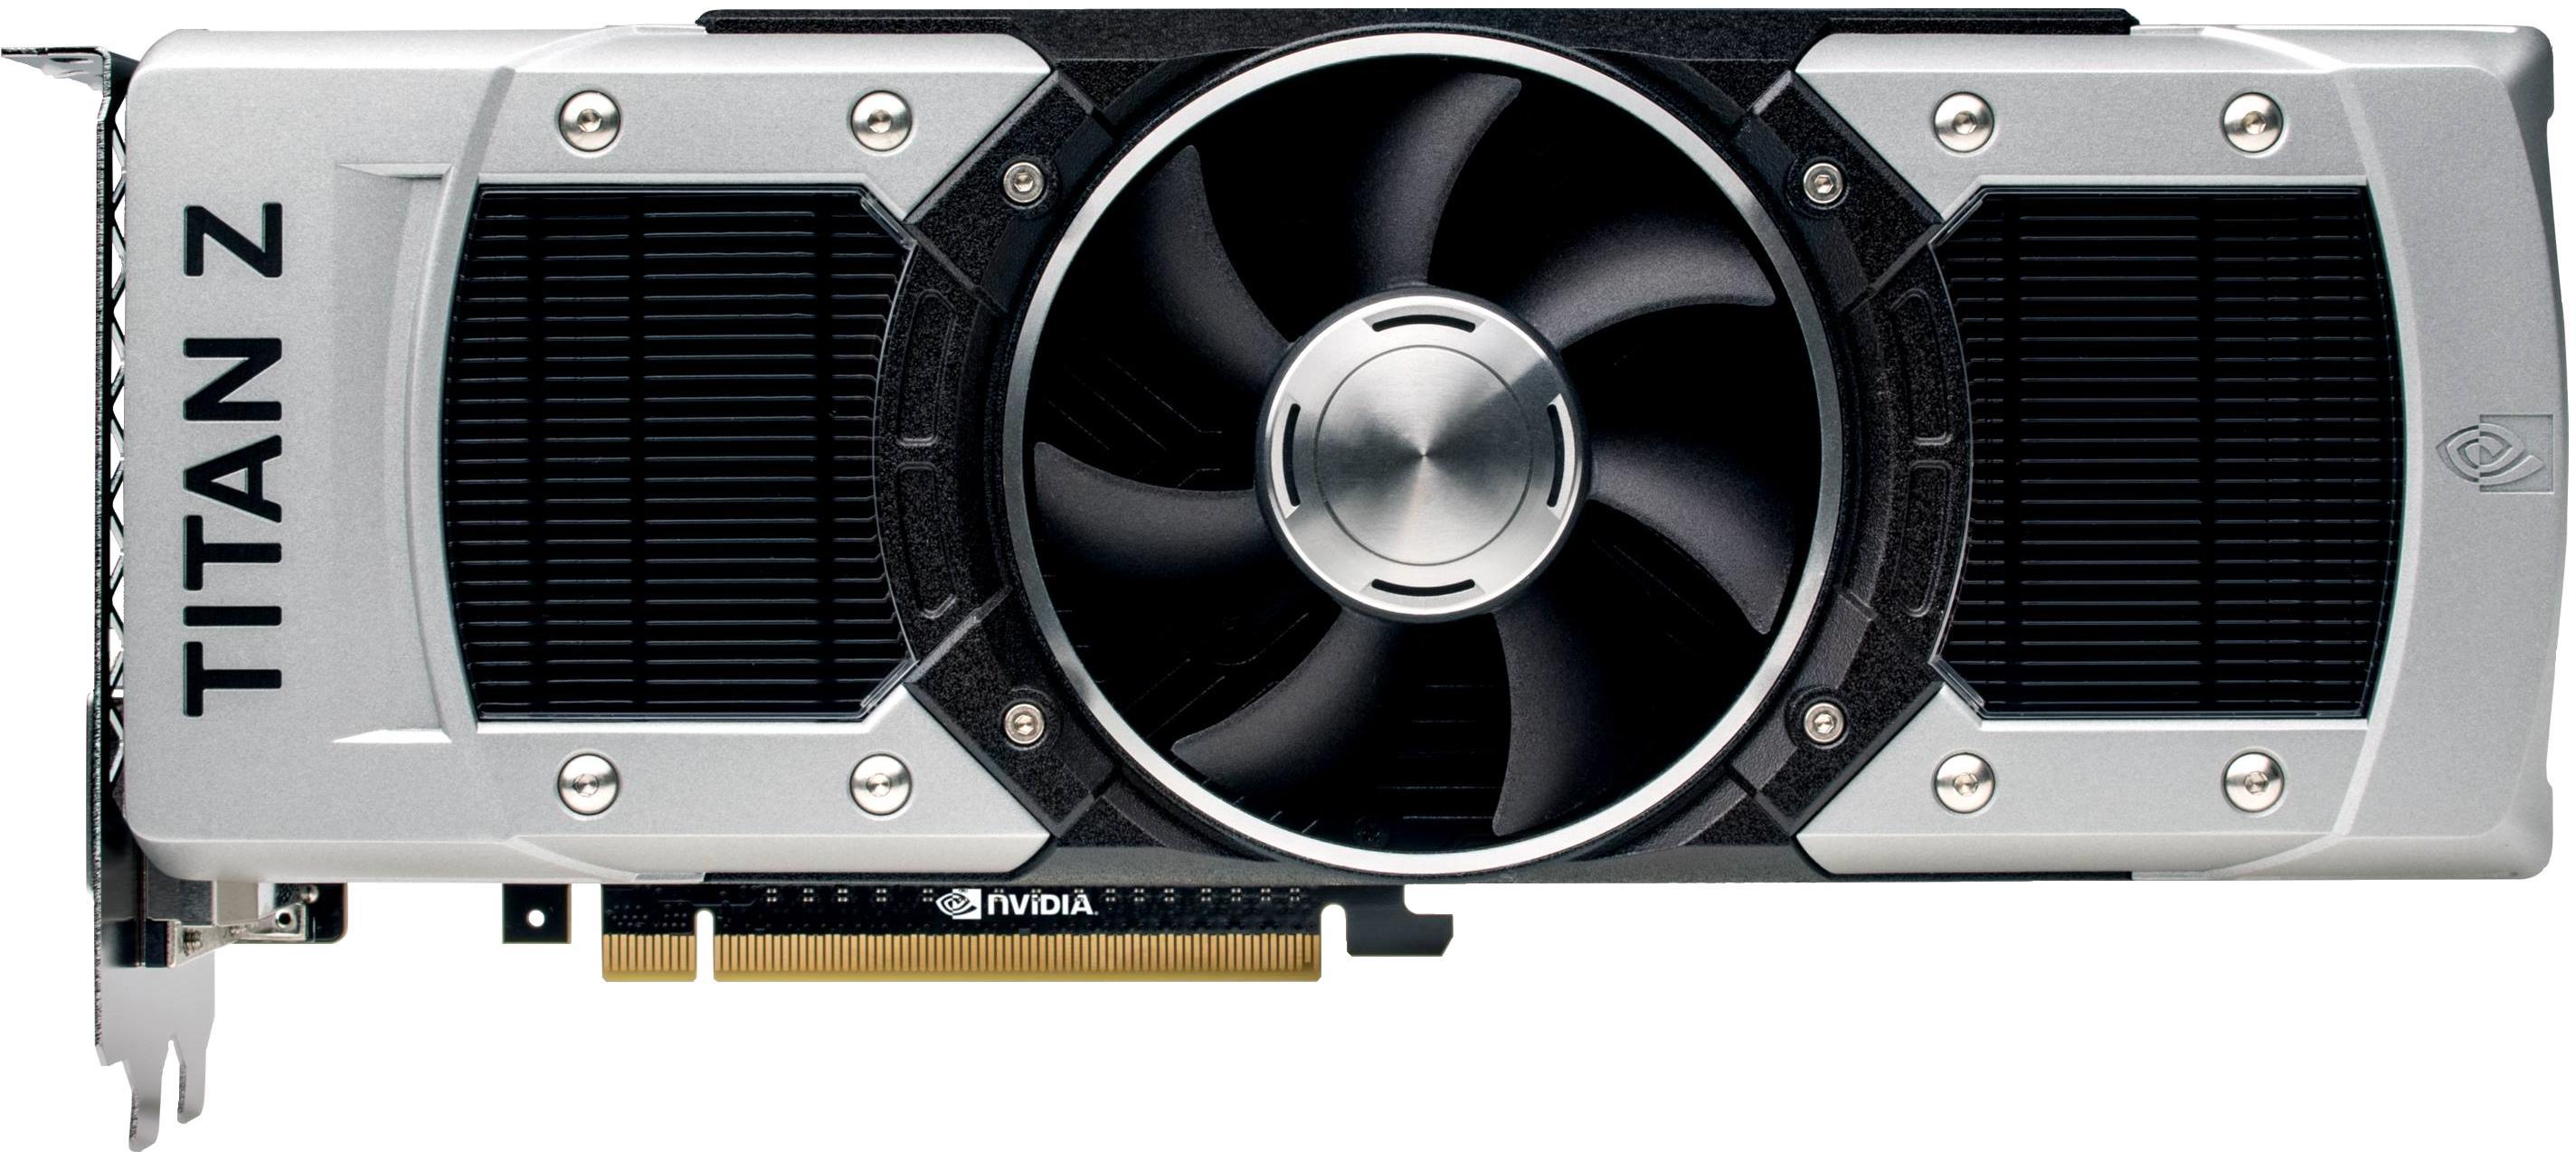 Gainward GeForce GTX Titan Z